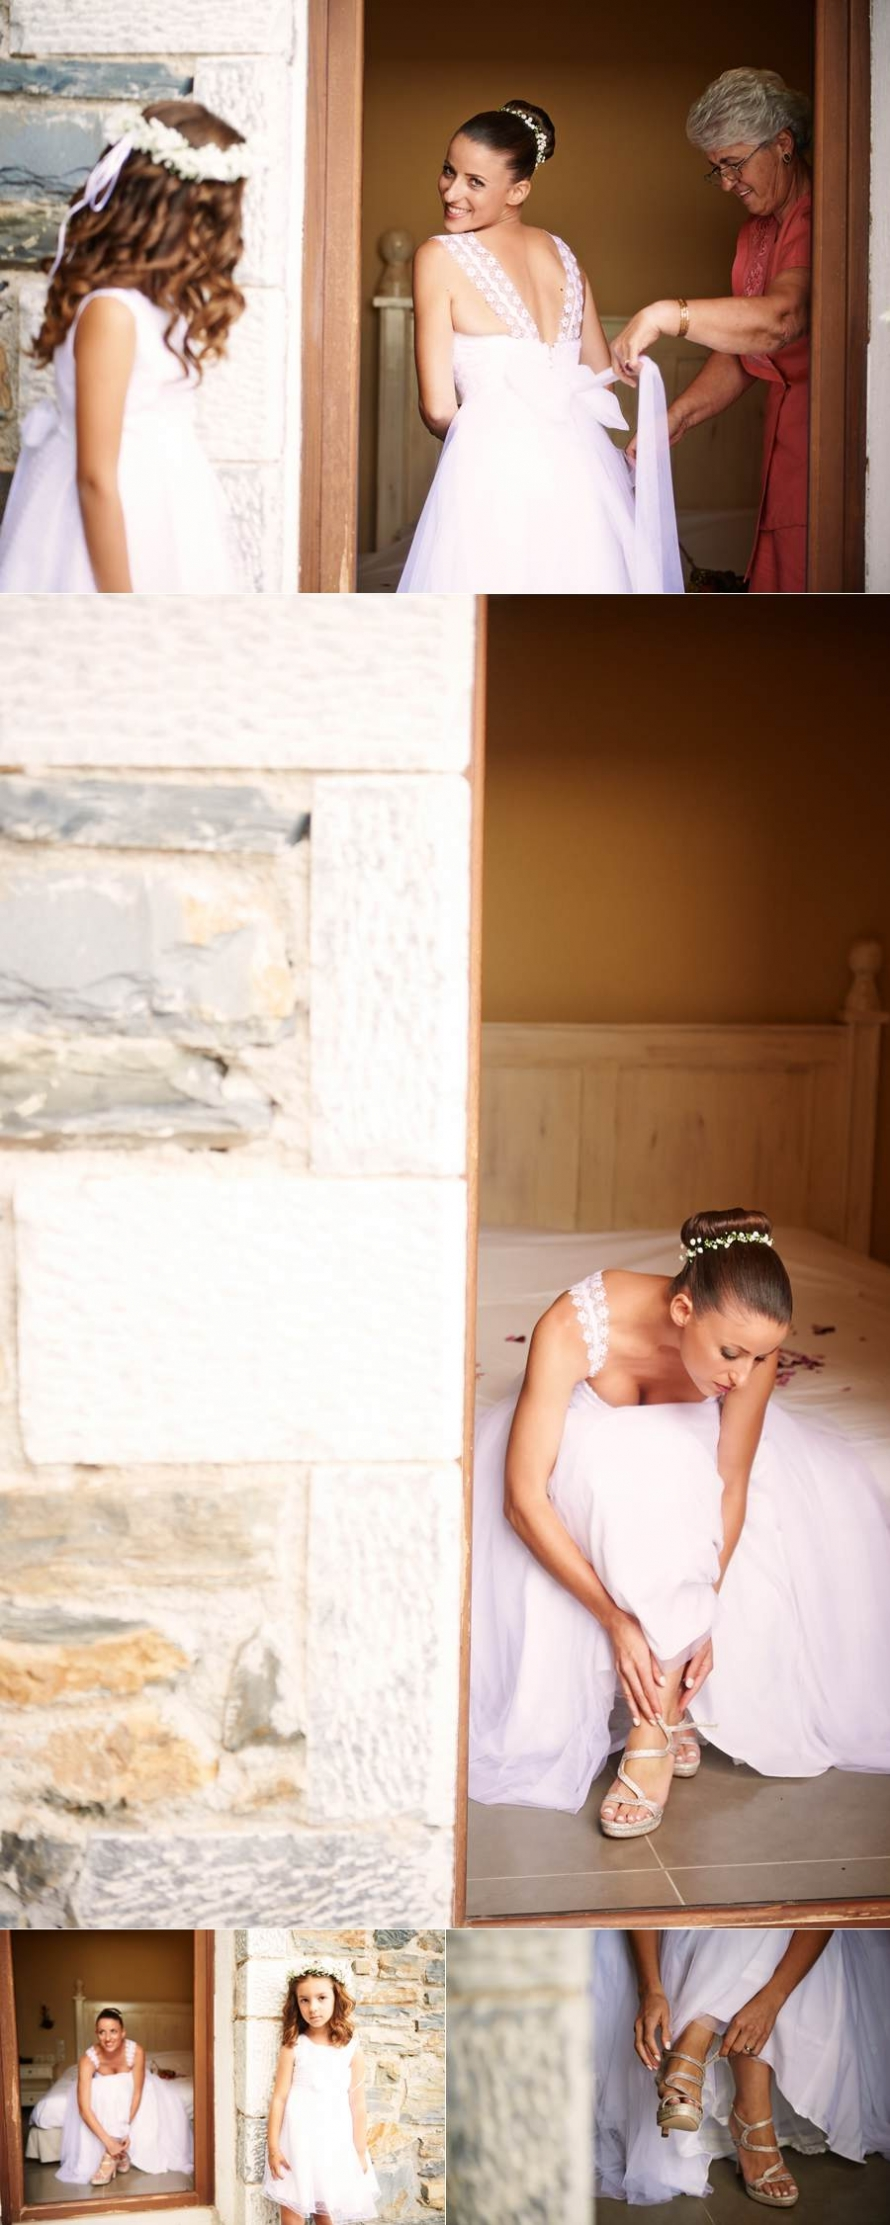 Nikos Anastasia wedding photos_0005